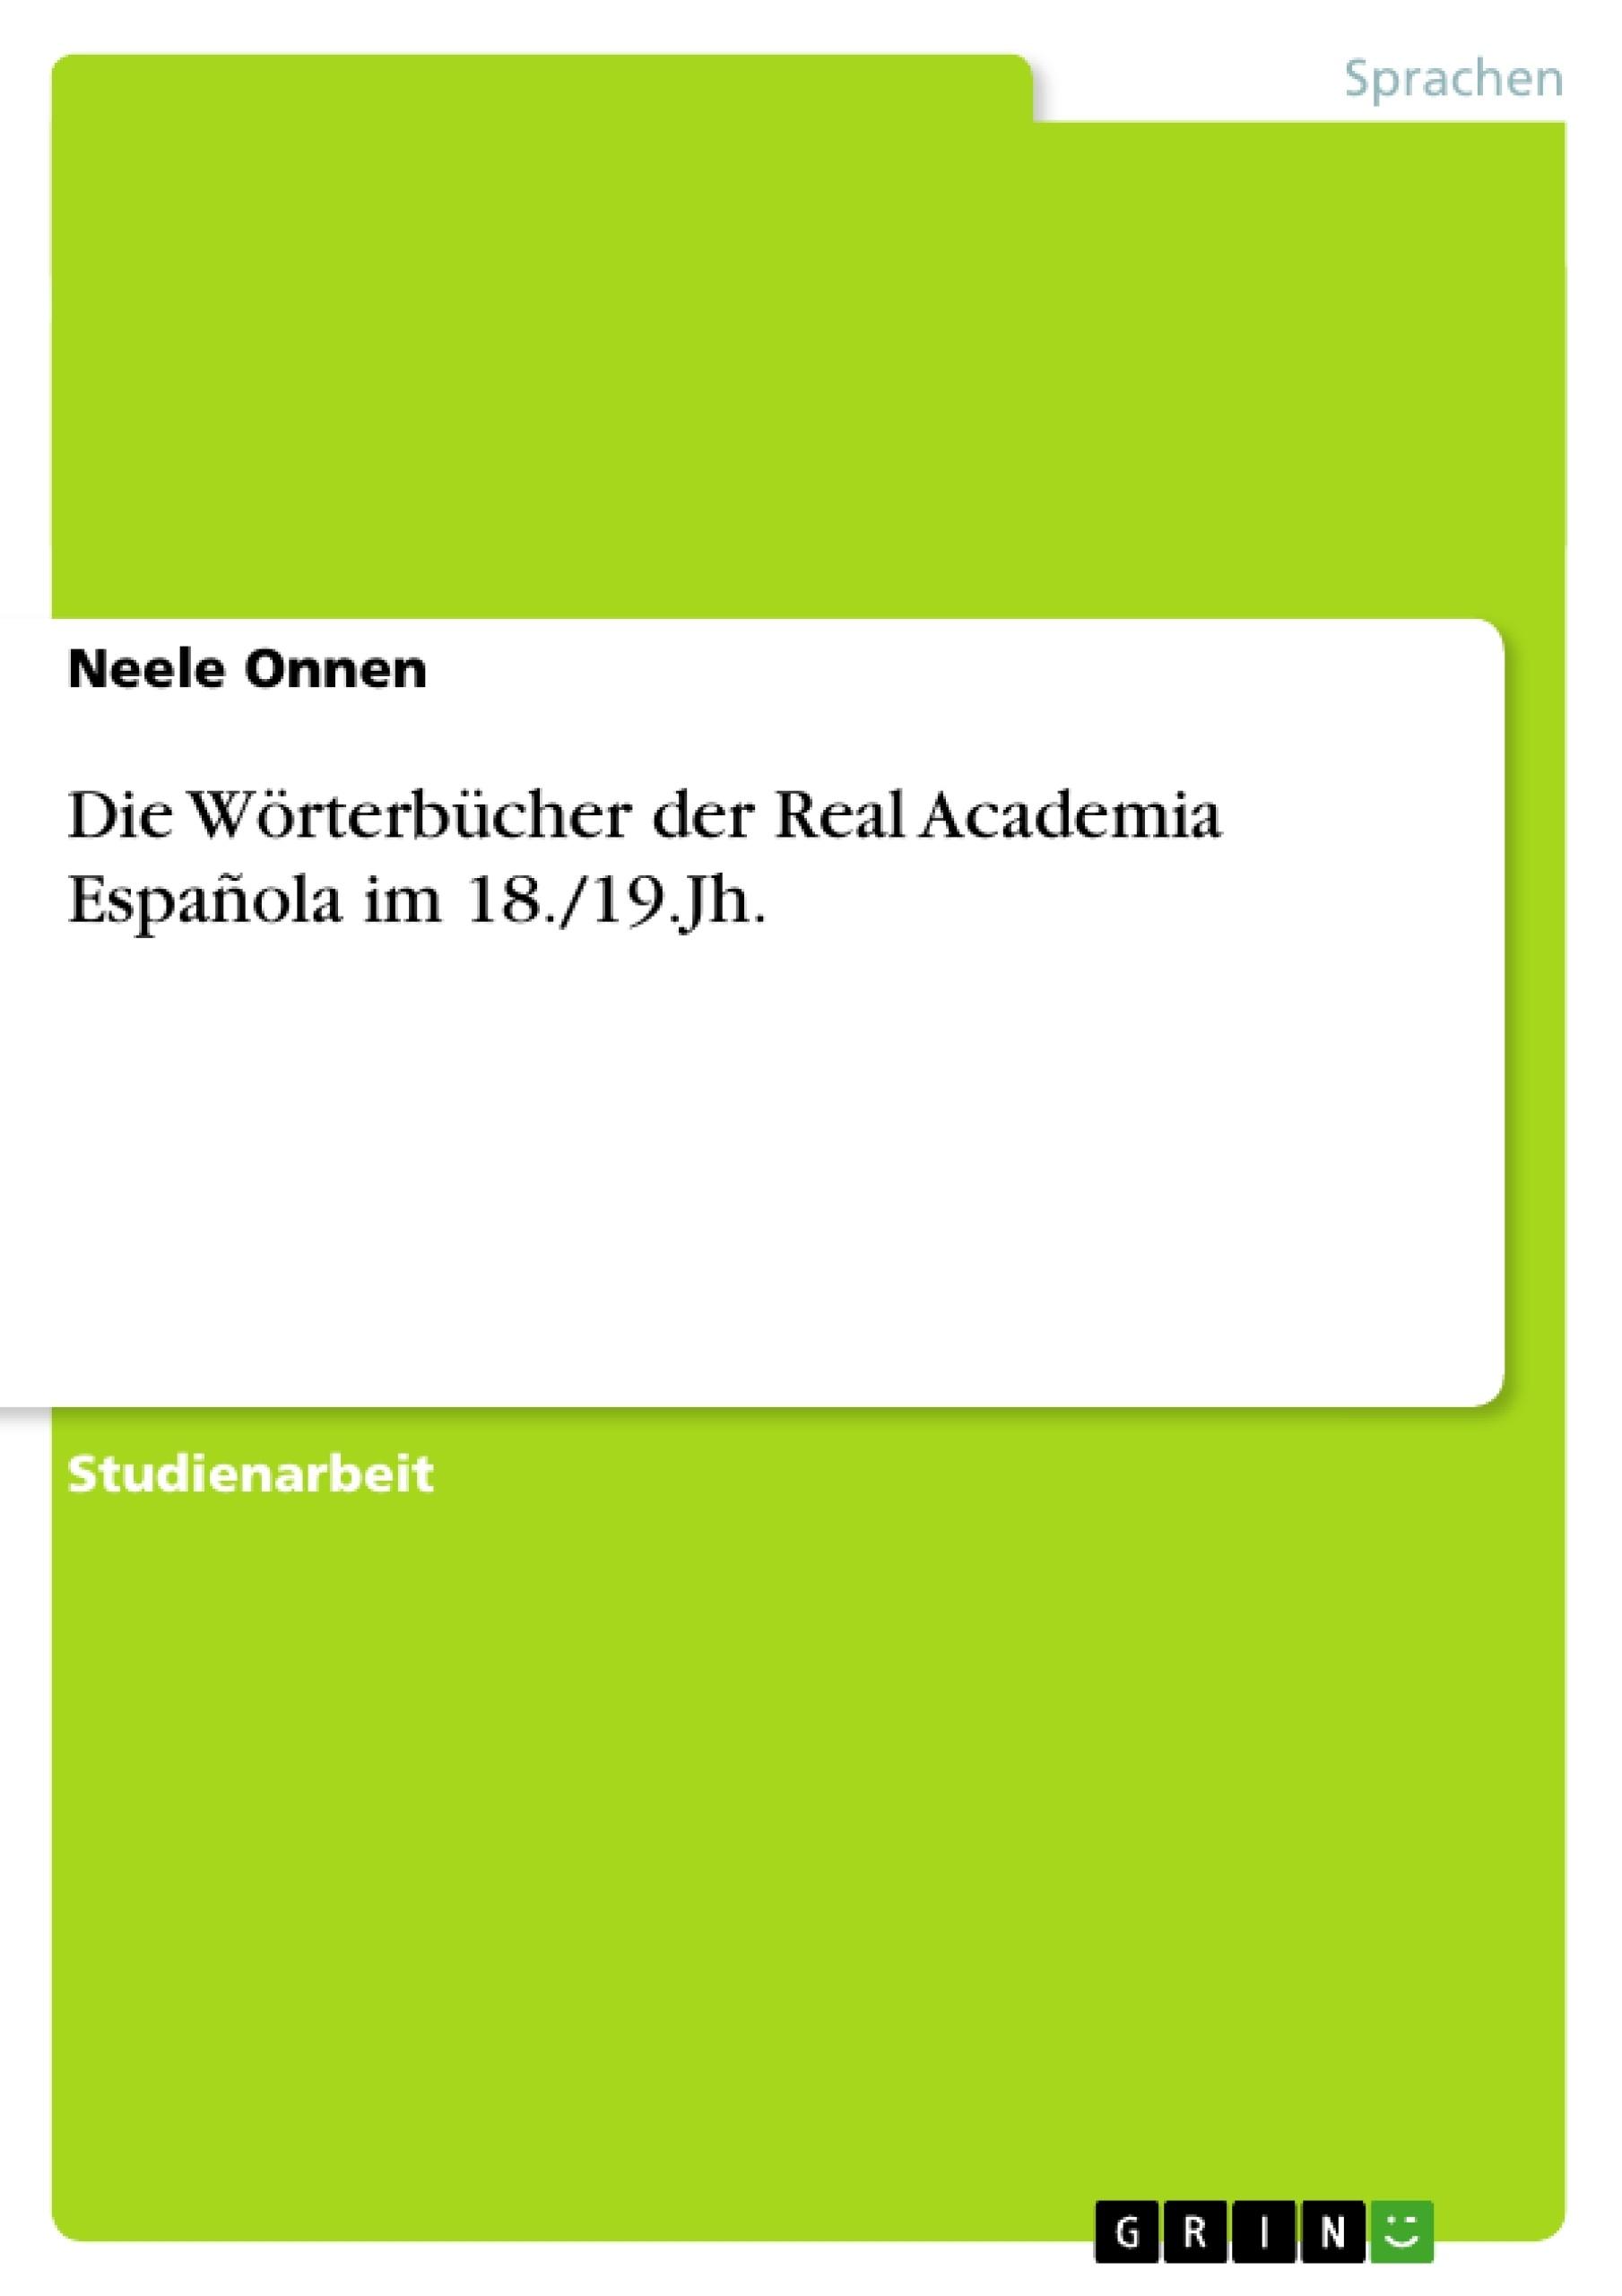 Titel: Die Wörterbücher der Real Academia Española im 18./19.Jh.